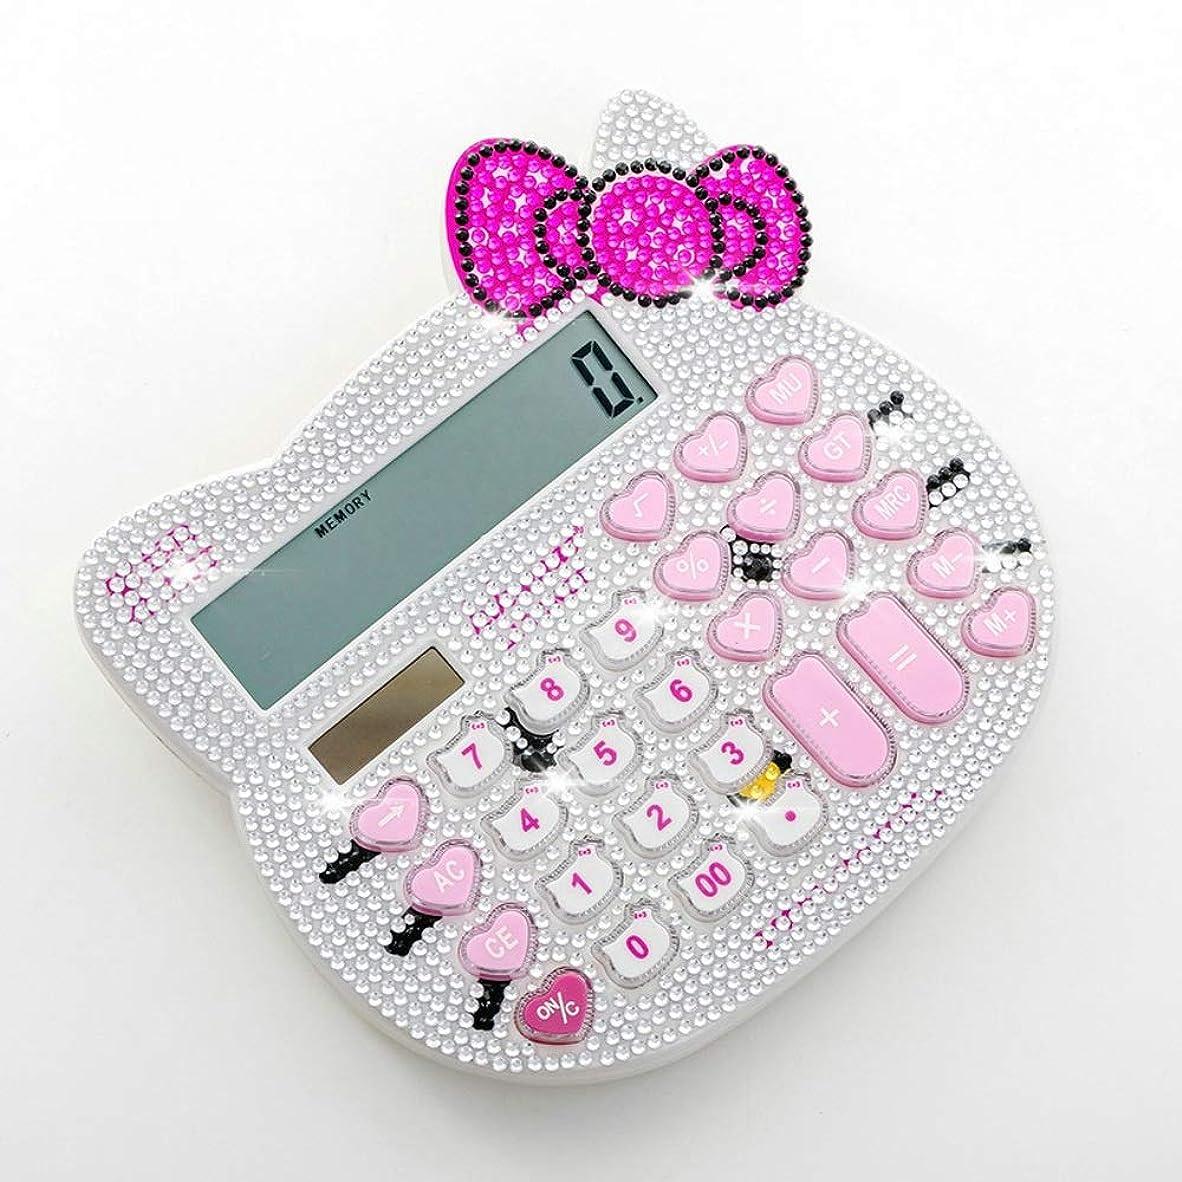 メイトエンドテーブル落ち着いて電子式電卓 かわいいプラスラインストーン漫画猫の頭の太陽環境の電卓 コンパクトポータブル (色 : 白)